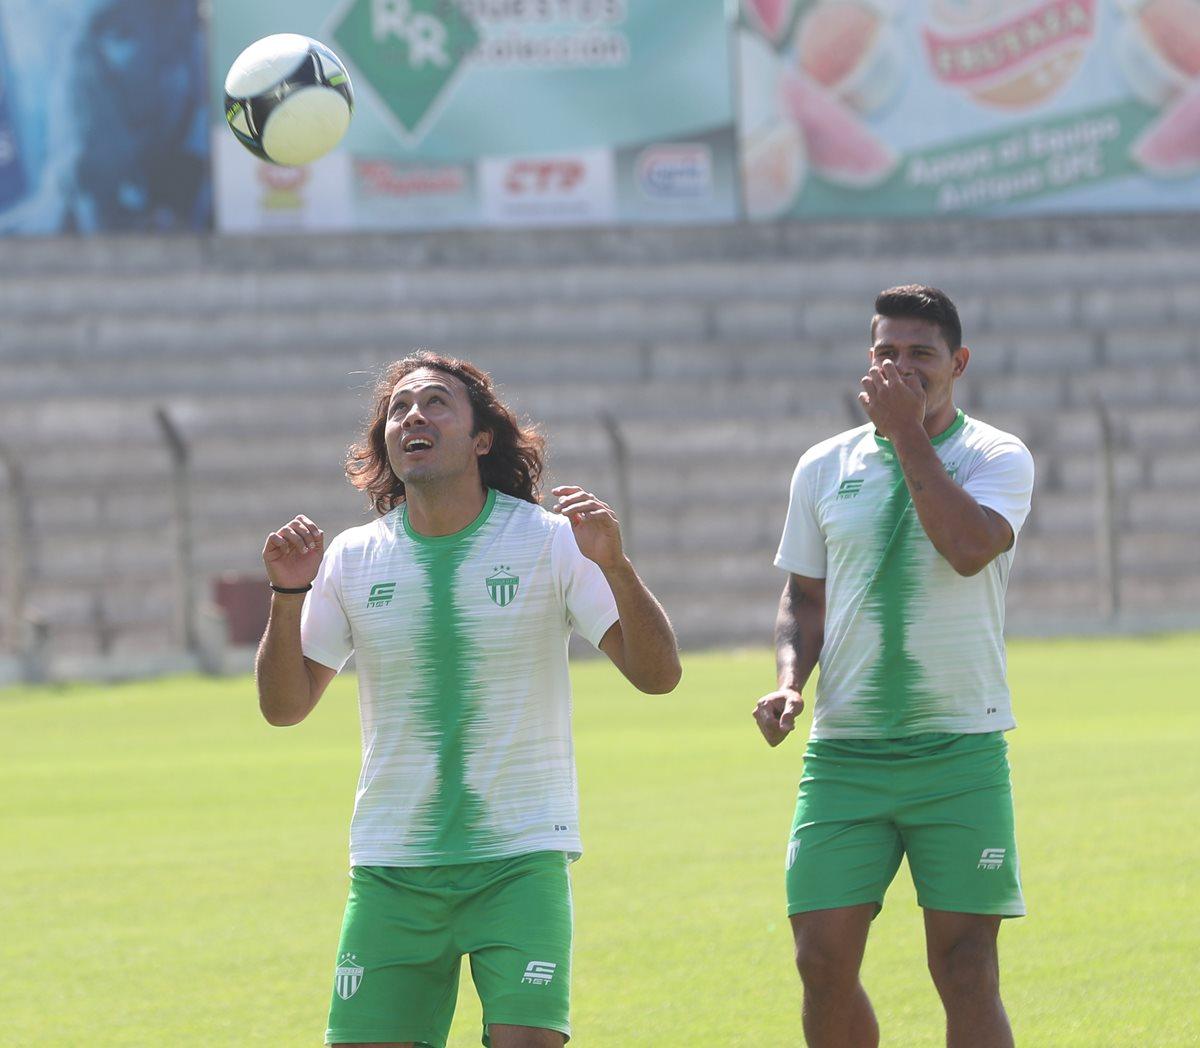 El goleador mexicano Agustín Herrera espera mantener su idilio con el gol en el trascendental duelo contra Comunicaciones, en la ronda de acceso a semifinales (Foto Prensa Libre: Edwin Fajardo)